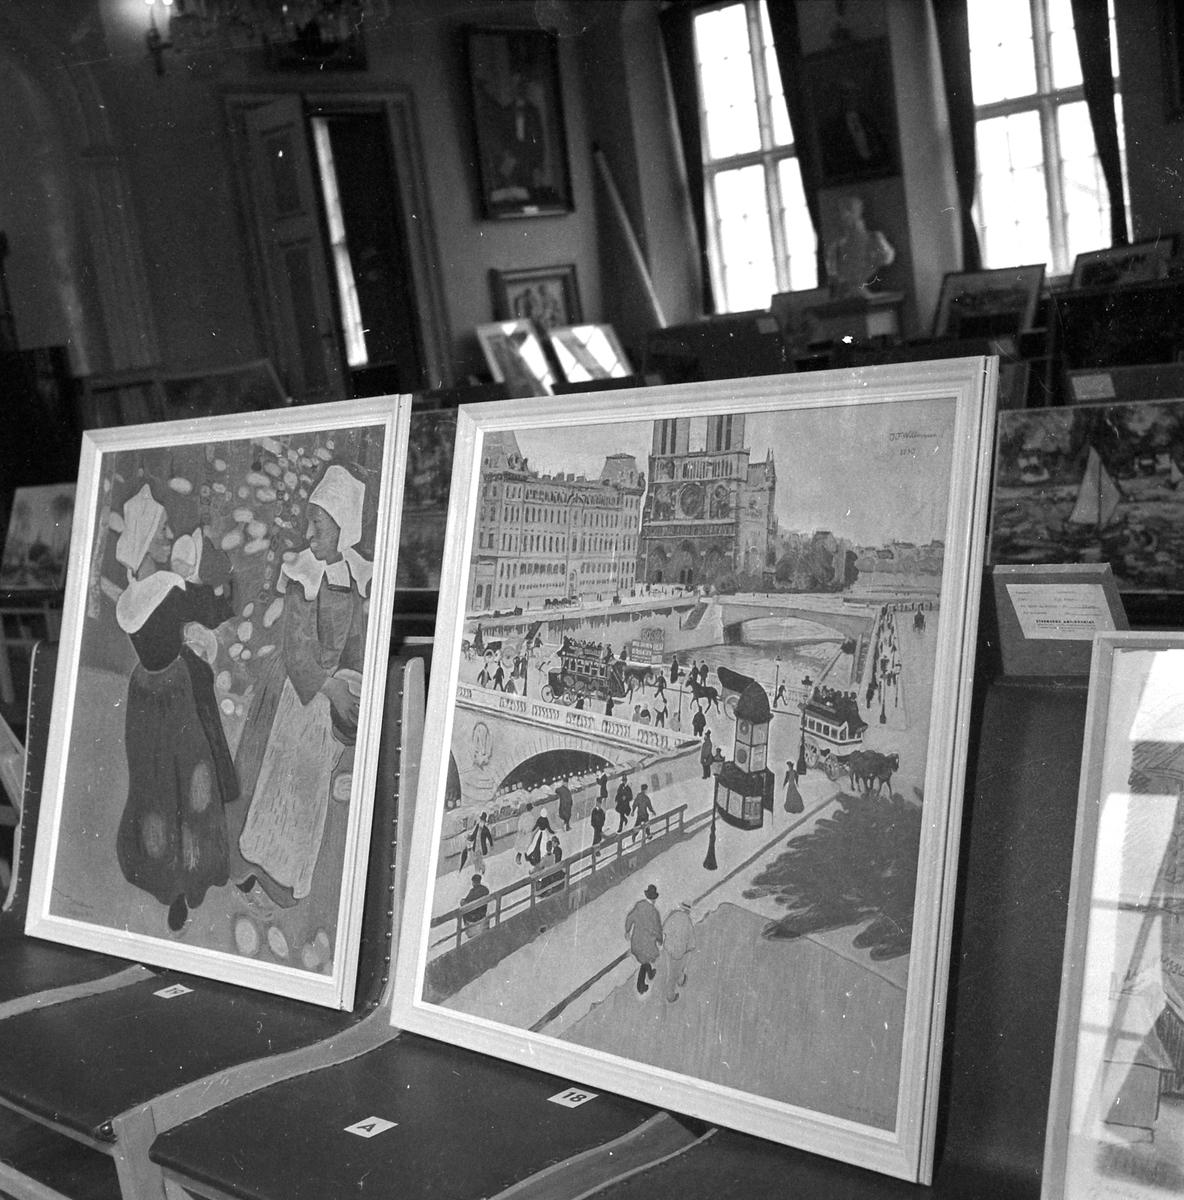 Katedralskolen kjøper inn reproduksjoner av kjente kunstnere